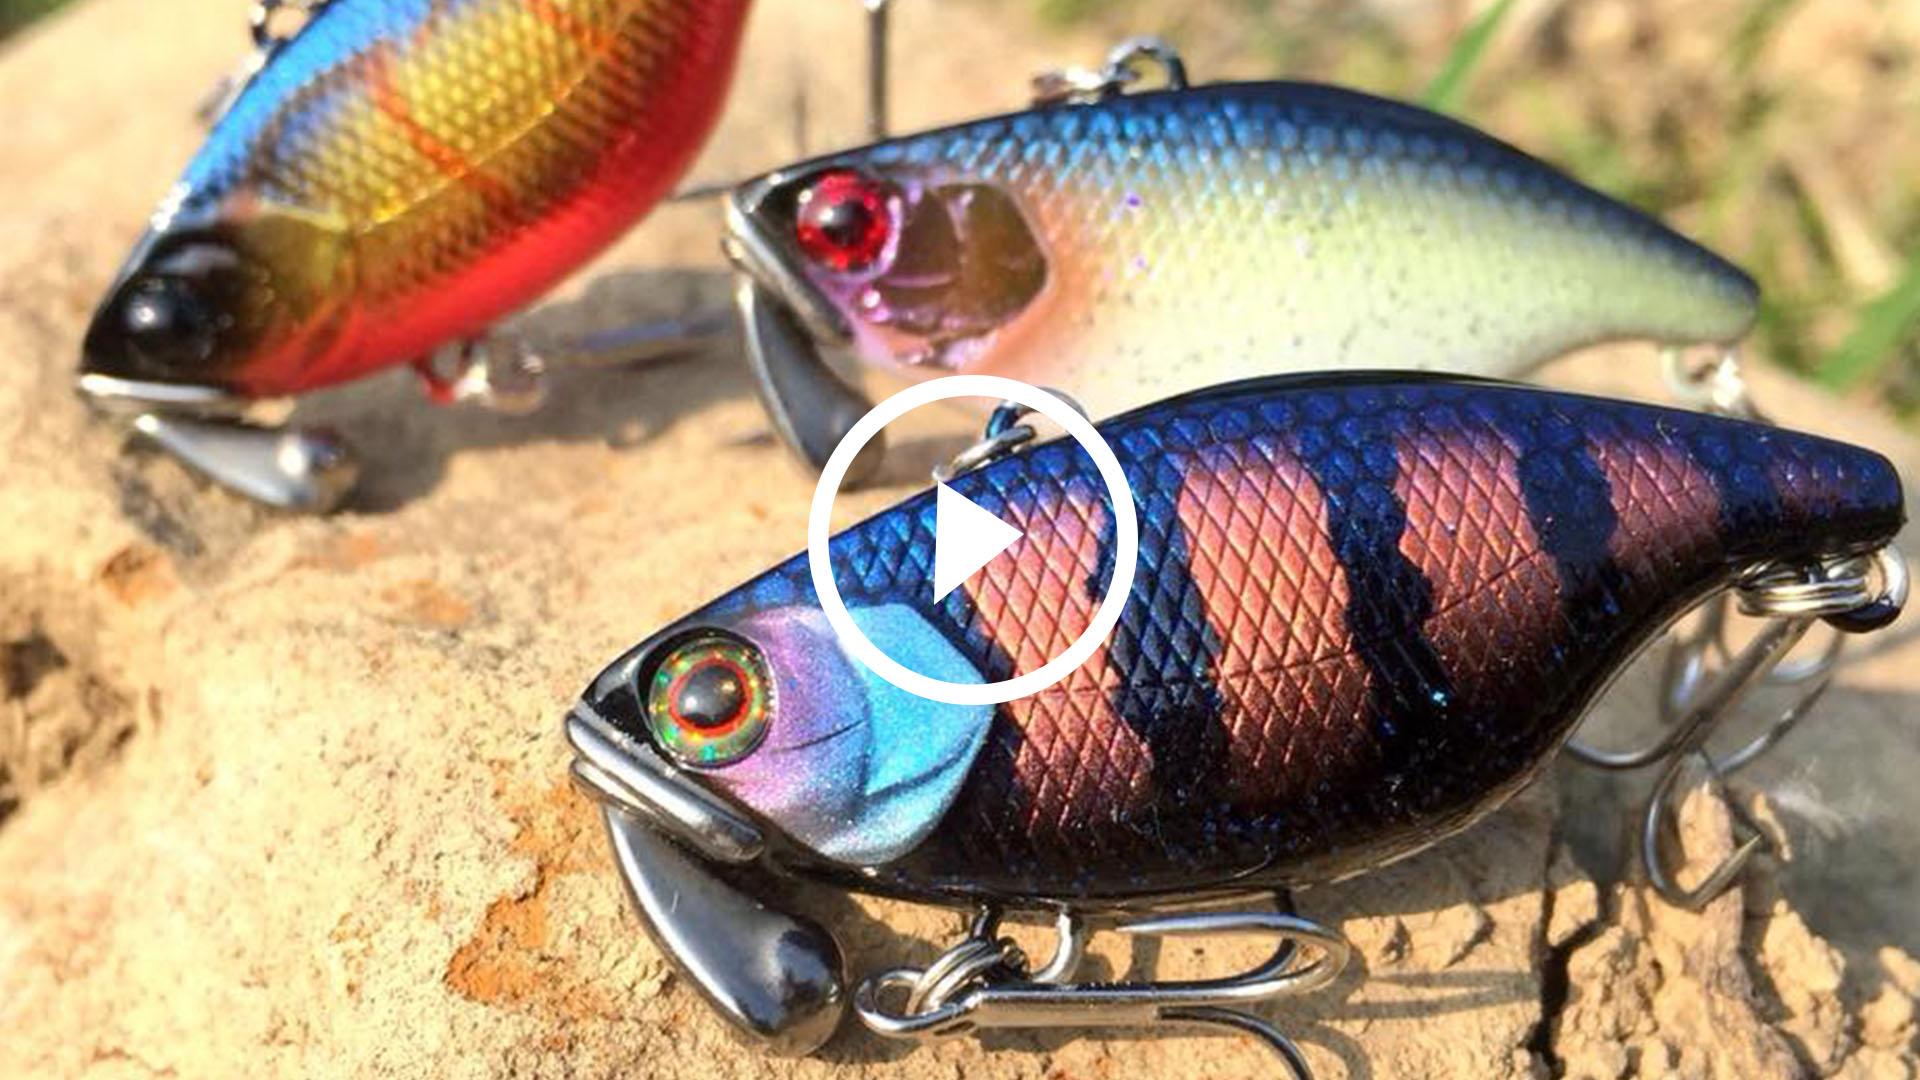 ルアー - FRESH WATER バス釣り |JACKALL|ジャッカル|ルアー c21ff036d7c